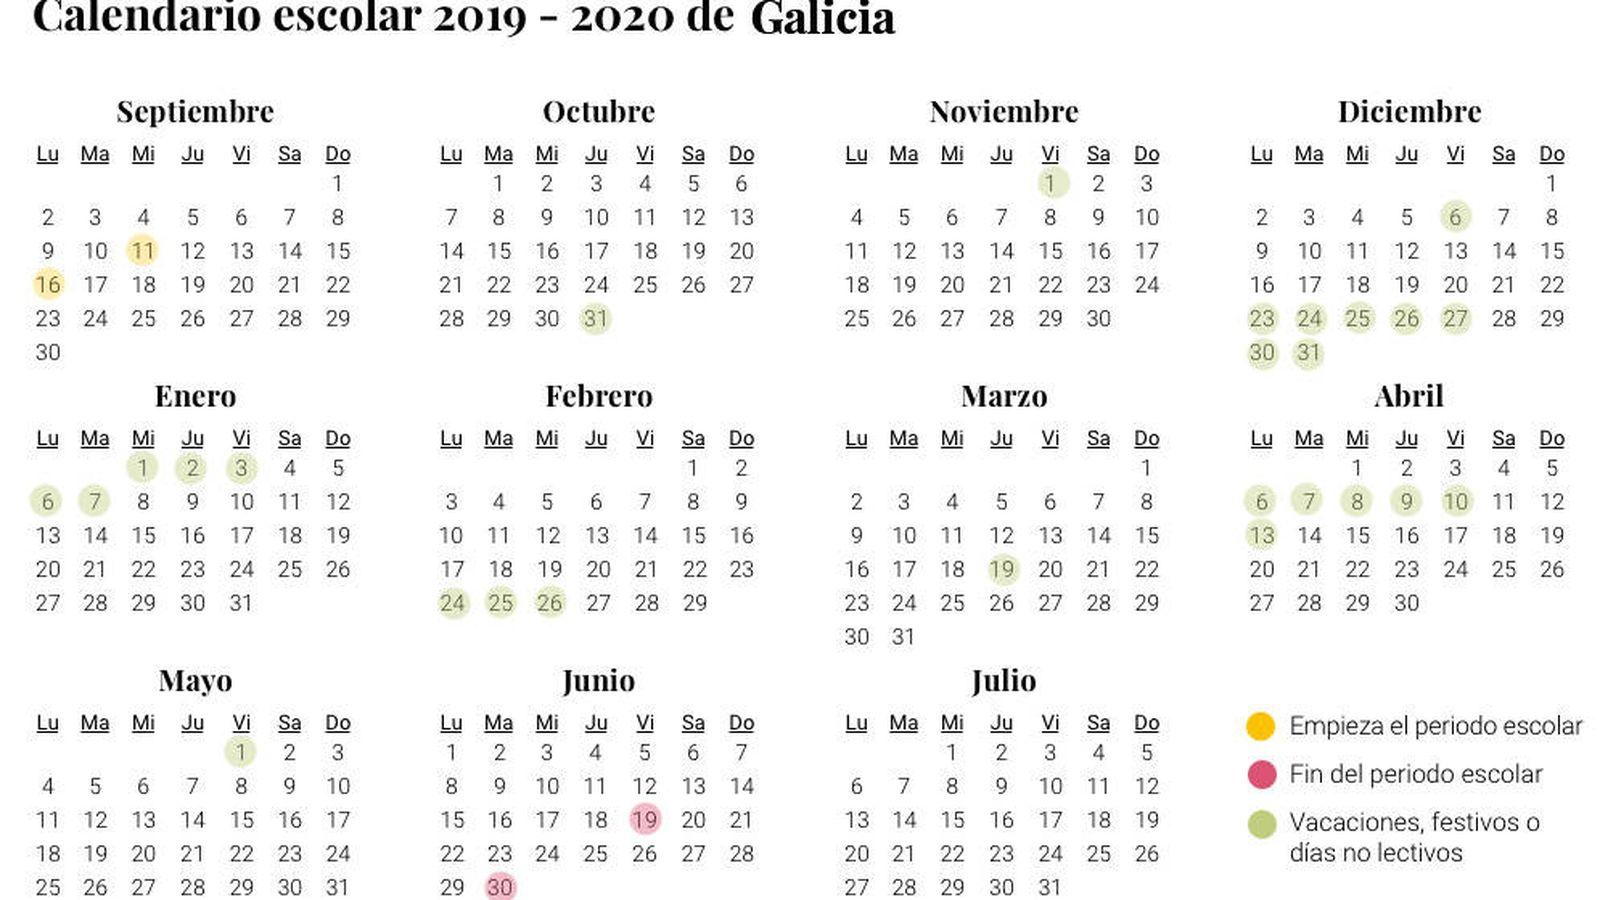 Calendario Festivos Vigo 2020.Calendario Escolar 2019 2020 En Galicia Vacaciones Festivos Y